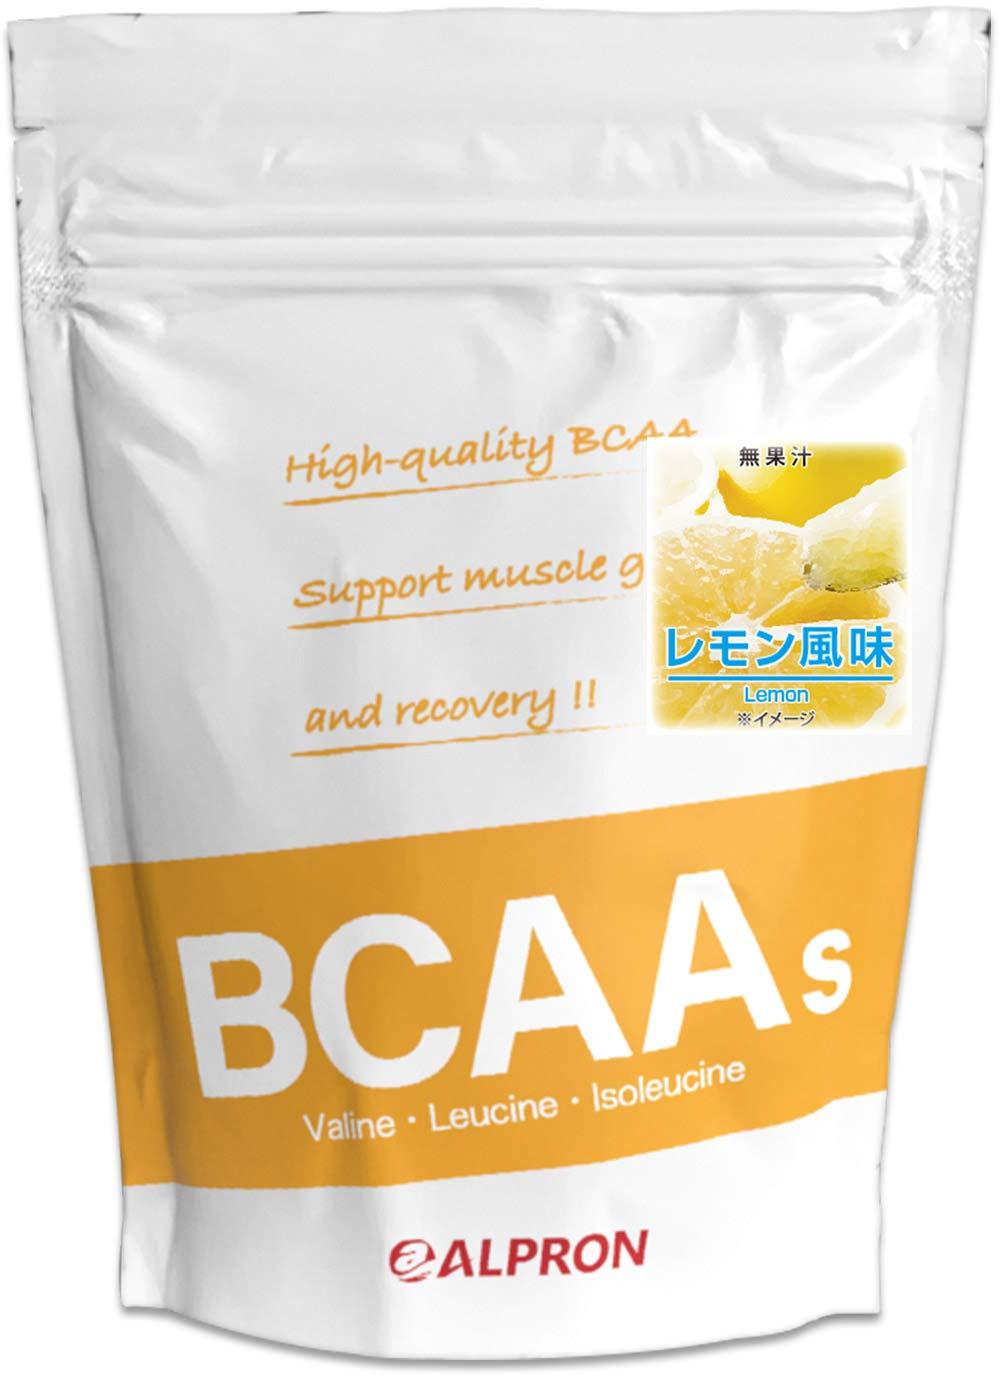 [送料無料]アルプロン BCAA 1kg レモン風味(アミノ酸 ALPRON 粉末ドリンク 国産)